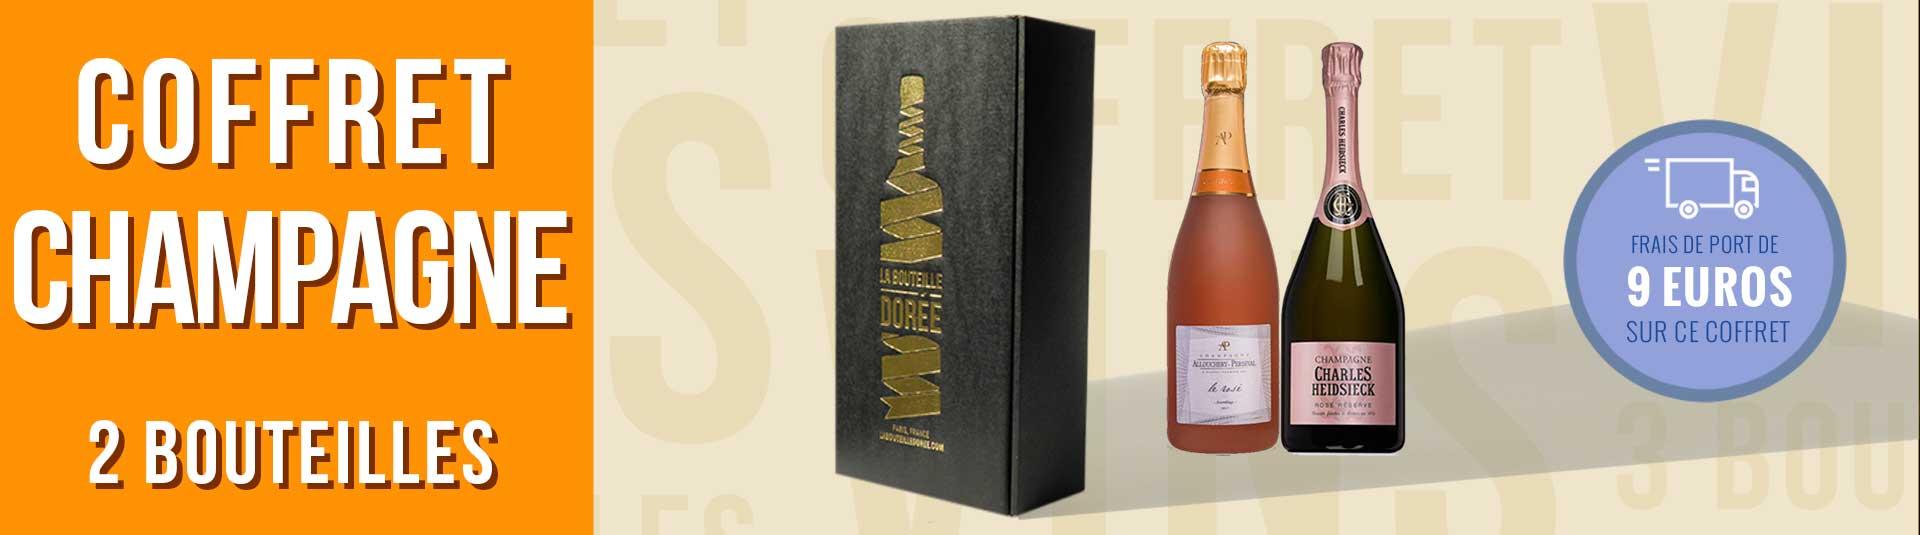 Coffret Champagne Rosé 2 bouteilles